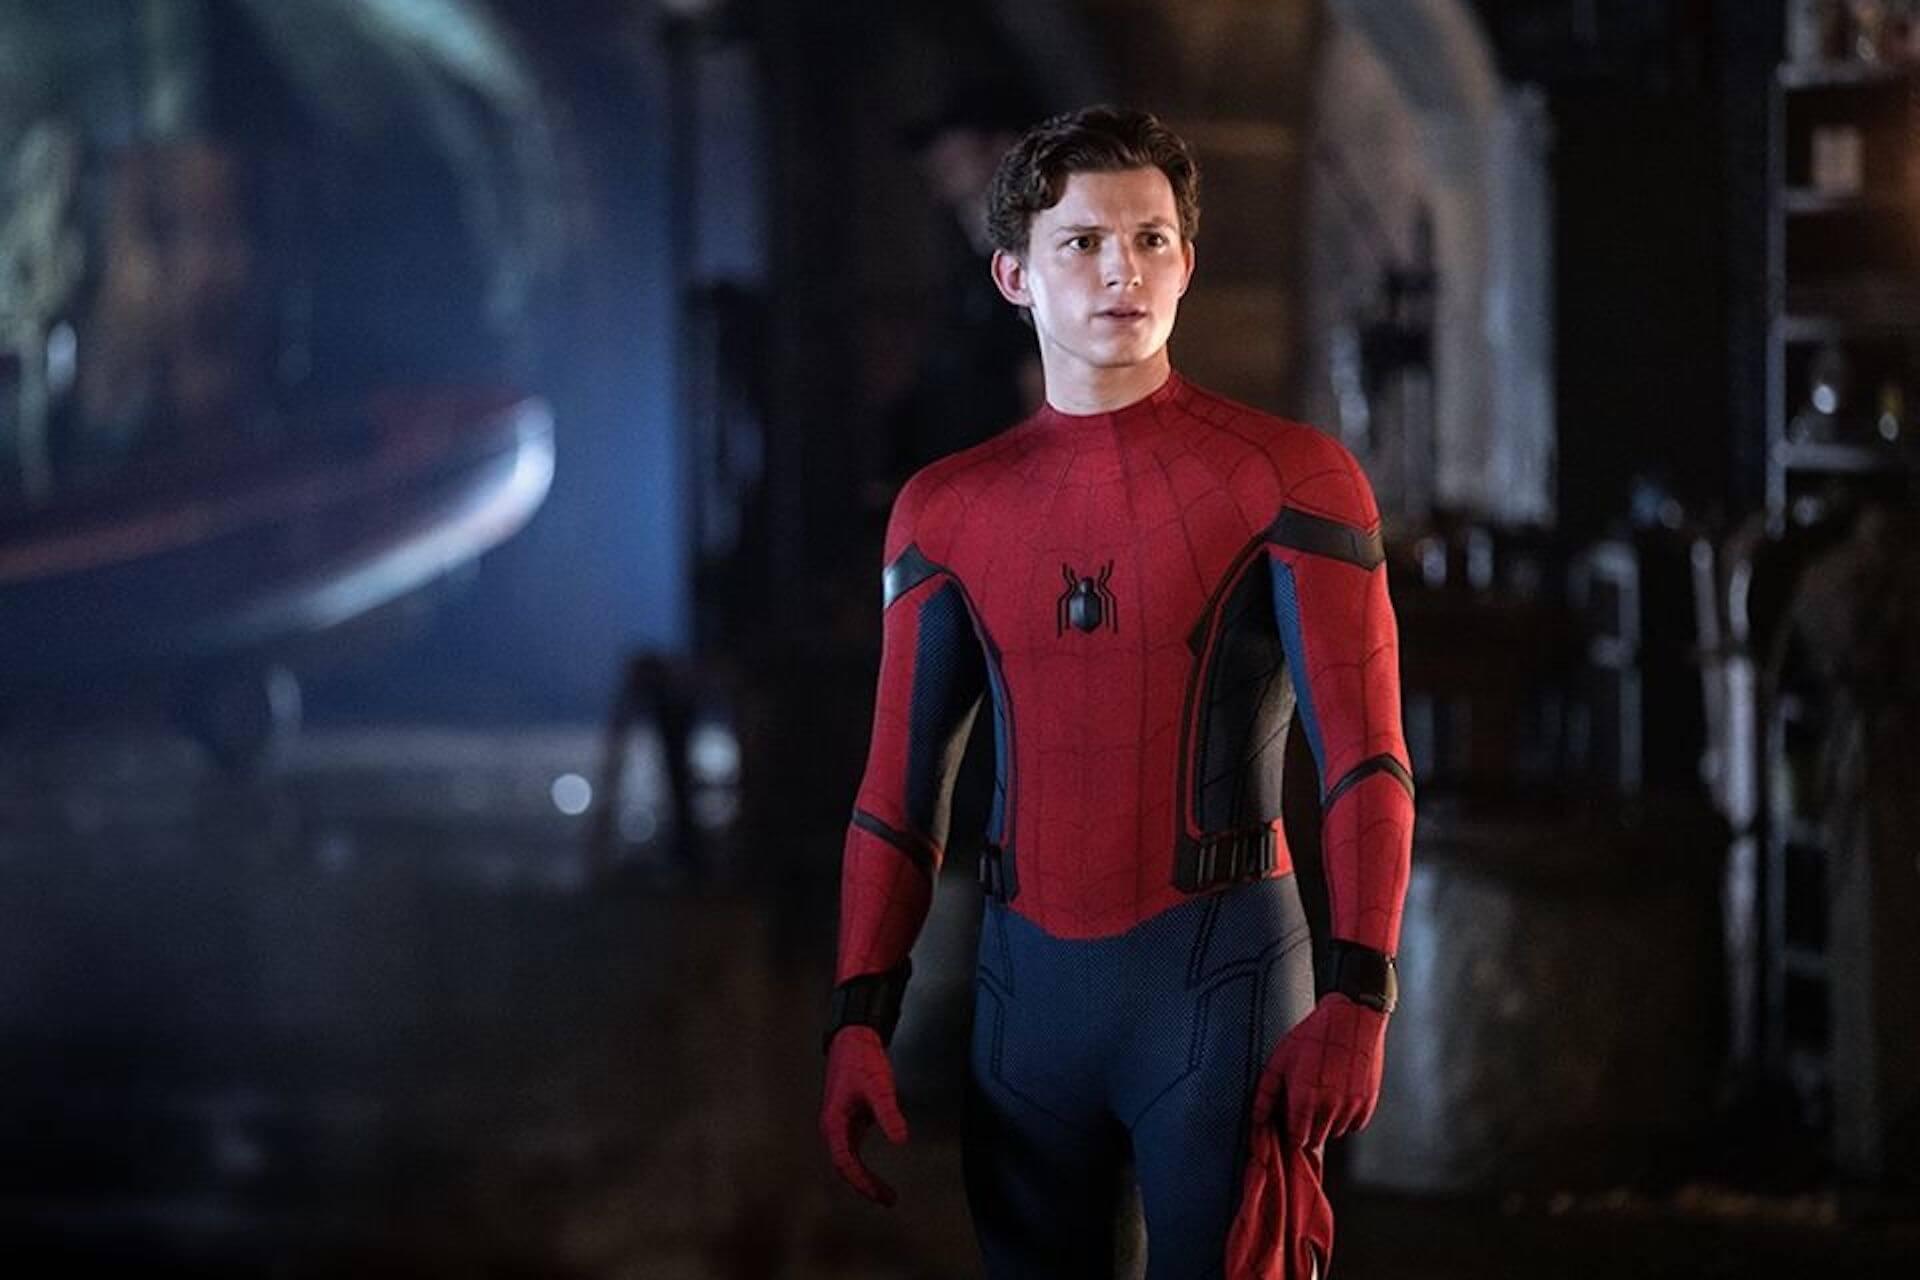 ソニー・ピクチャーズ『モービウス』はMCU版スパイダーマンと関係あり!?撮影セットの写真がリークされる film200212_spiderman_morbius_main